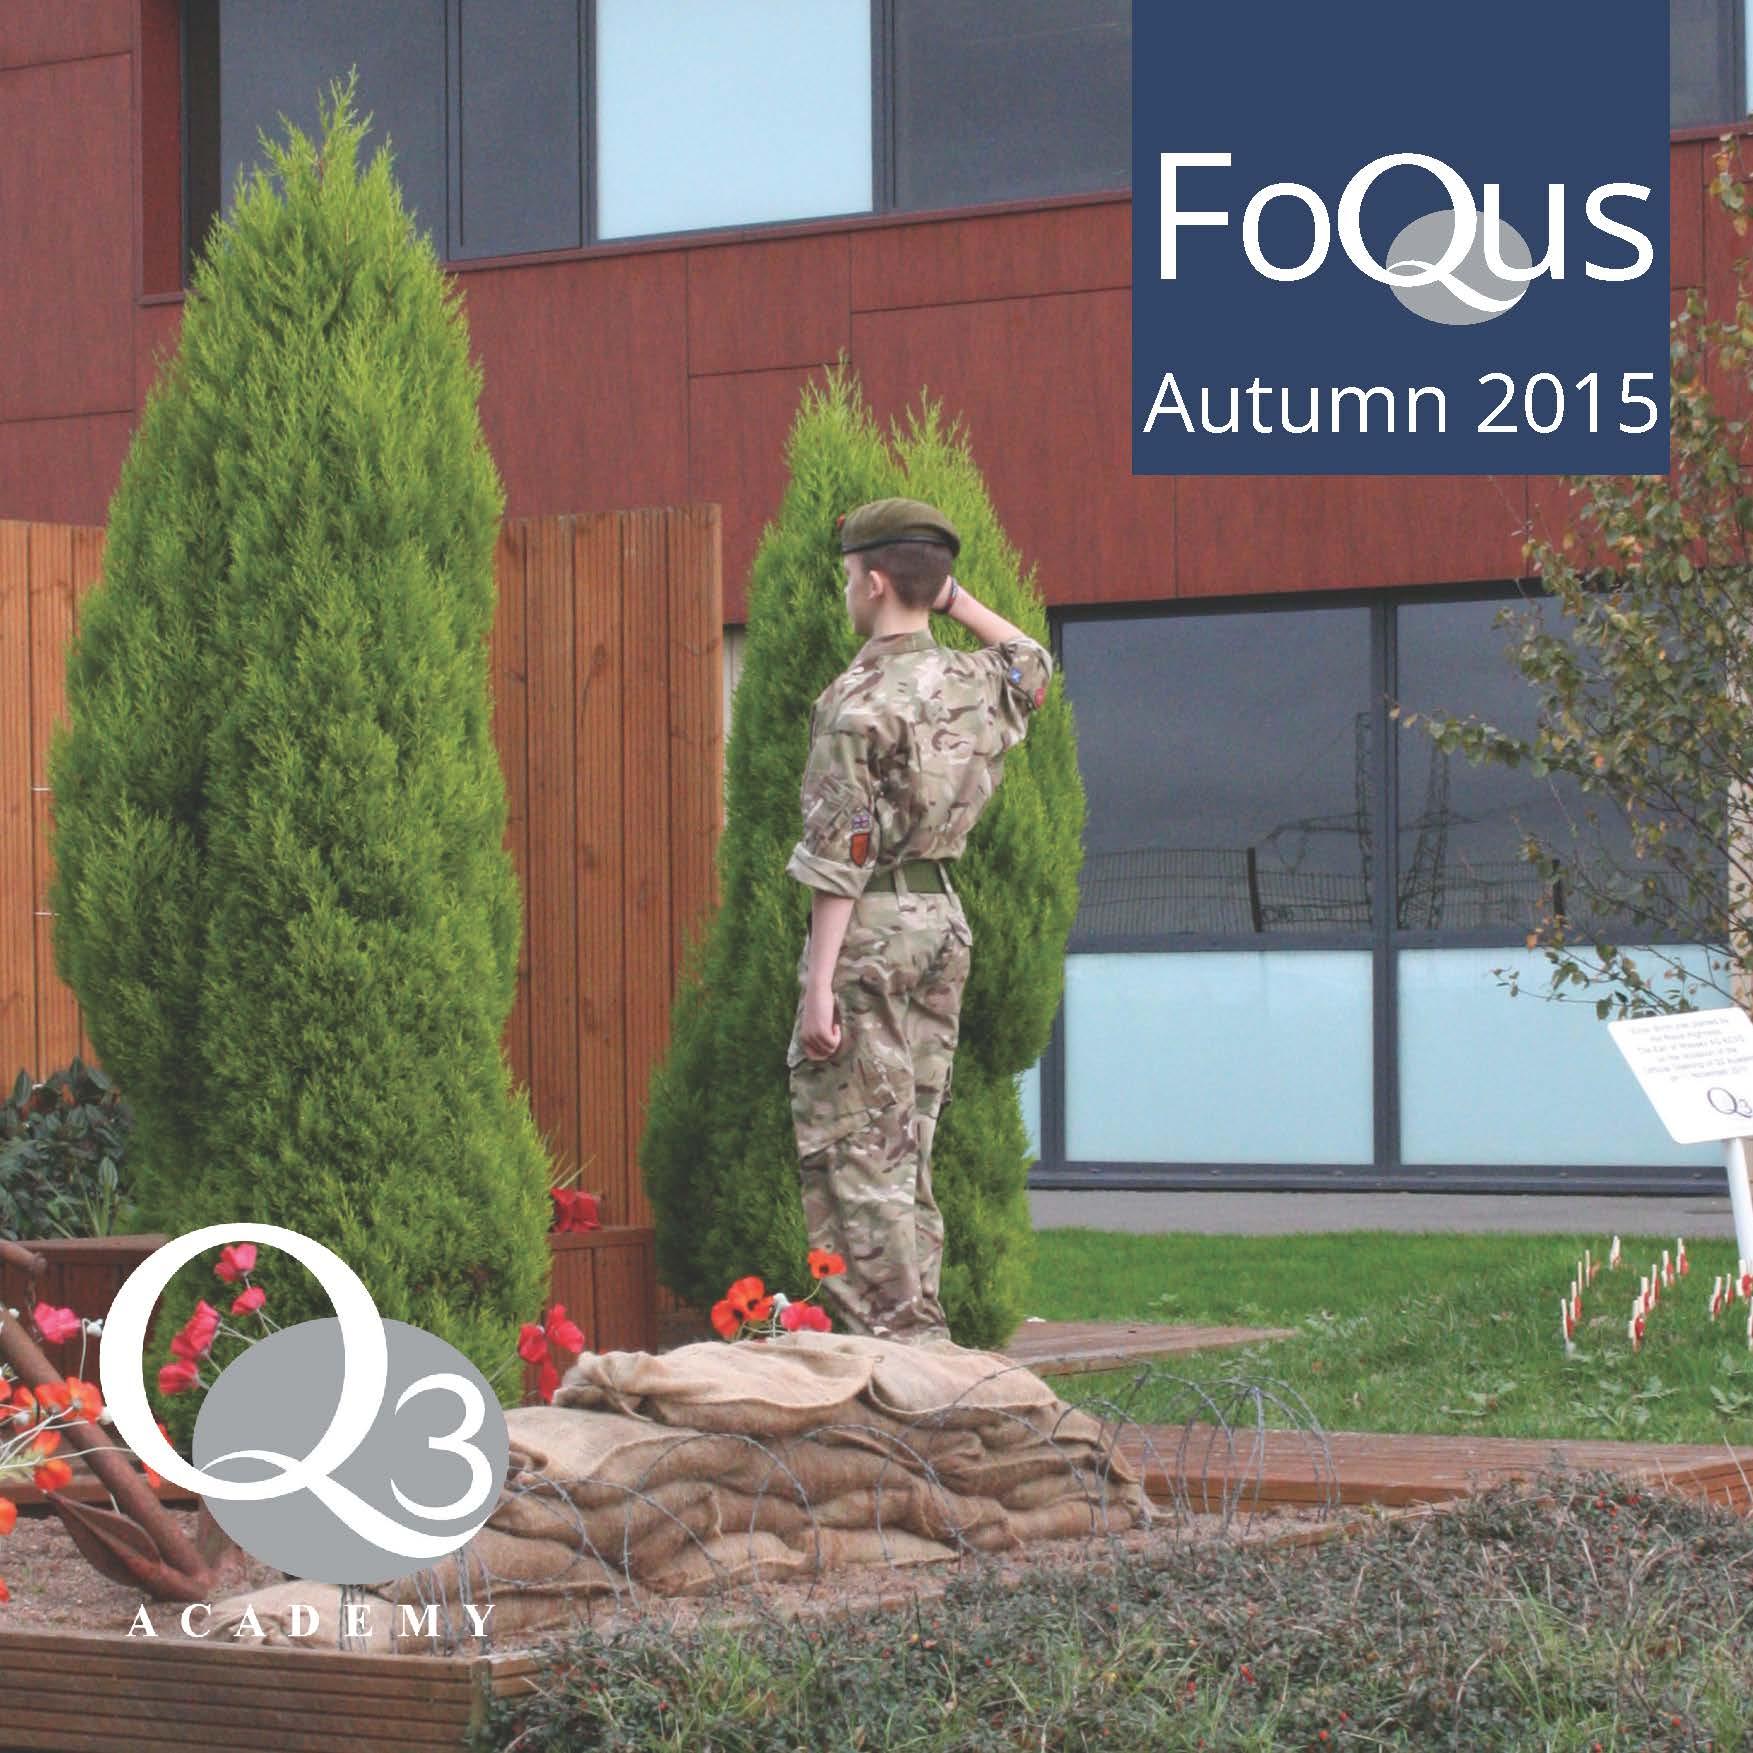 FoQus Autumn 2015